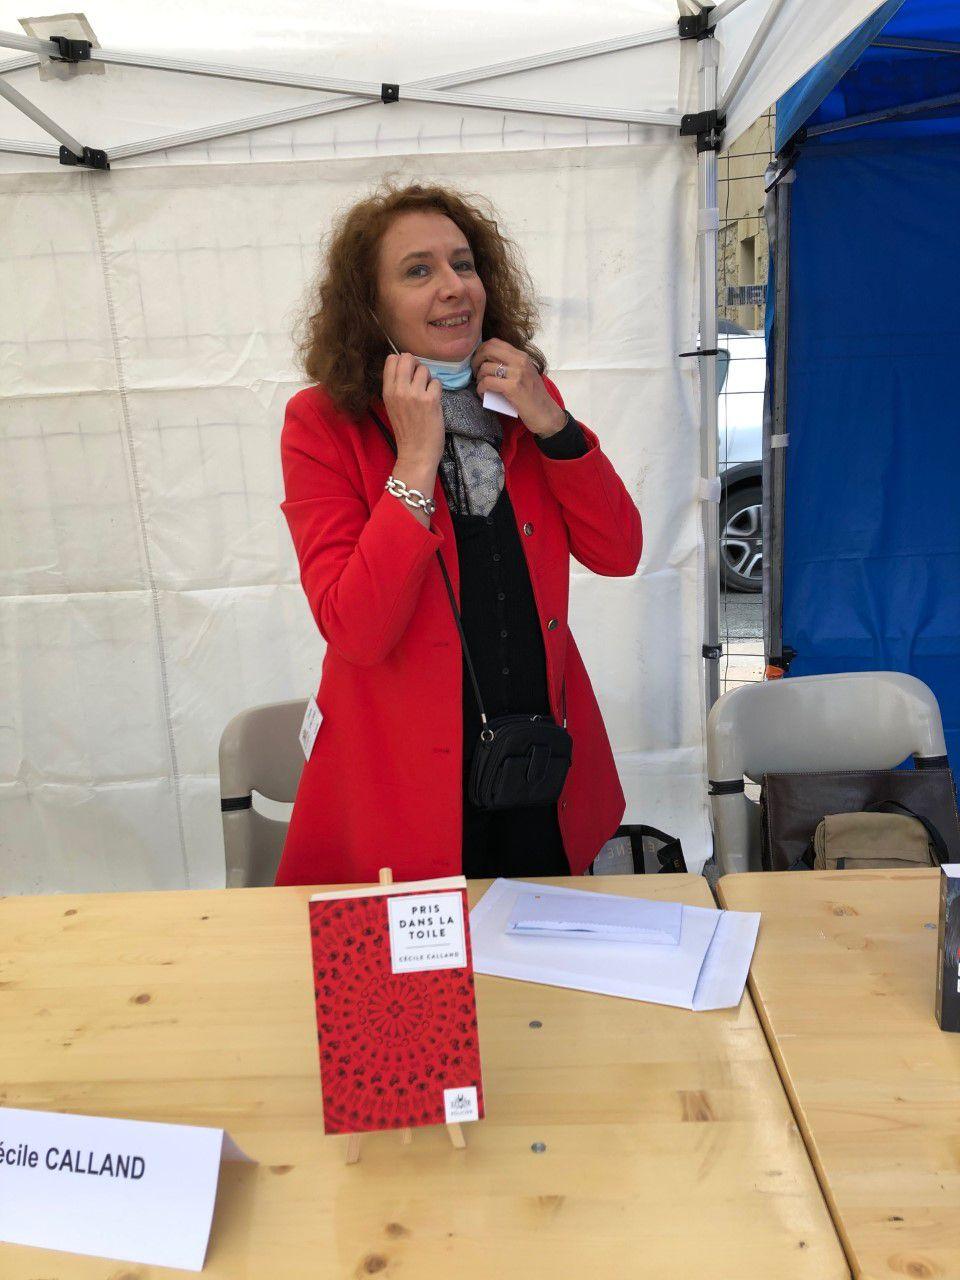 """Portrait du jour - Émotions artistiques avec le premier roman policier de Cécile Calland : """"Pris dans la Toile"""""""